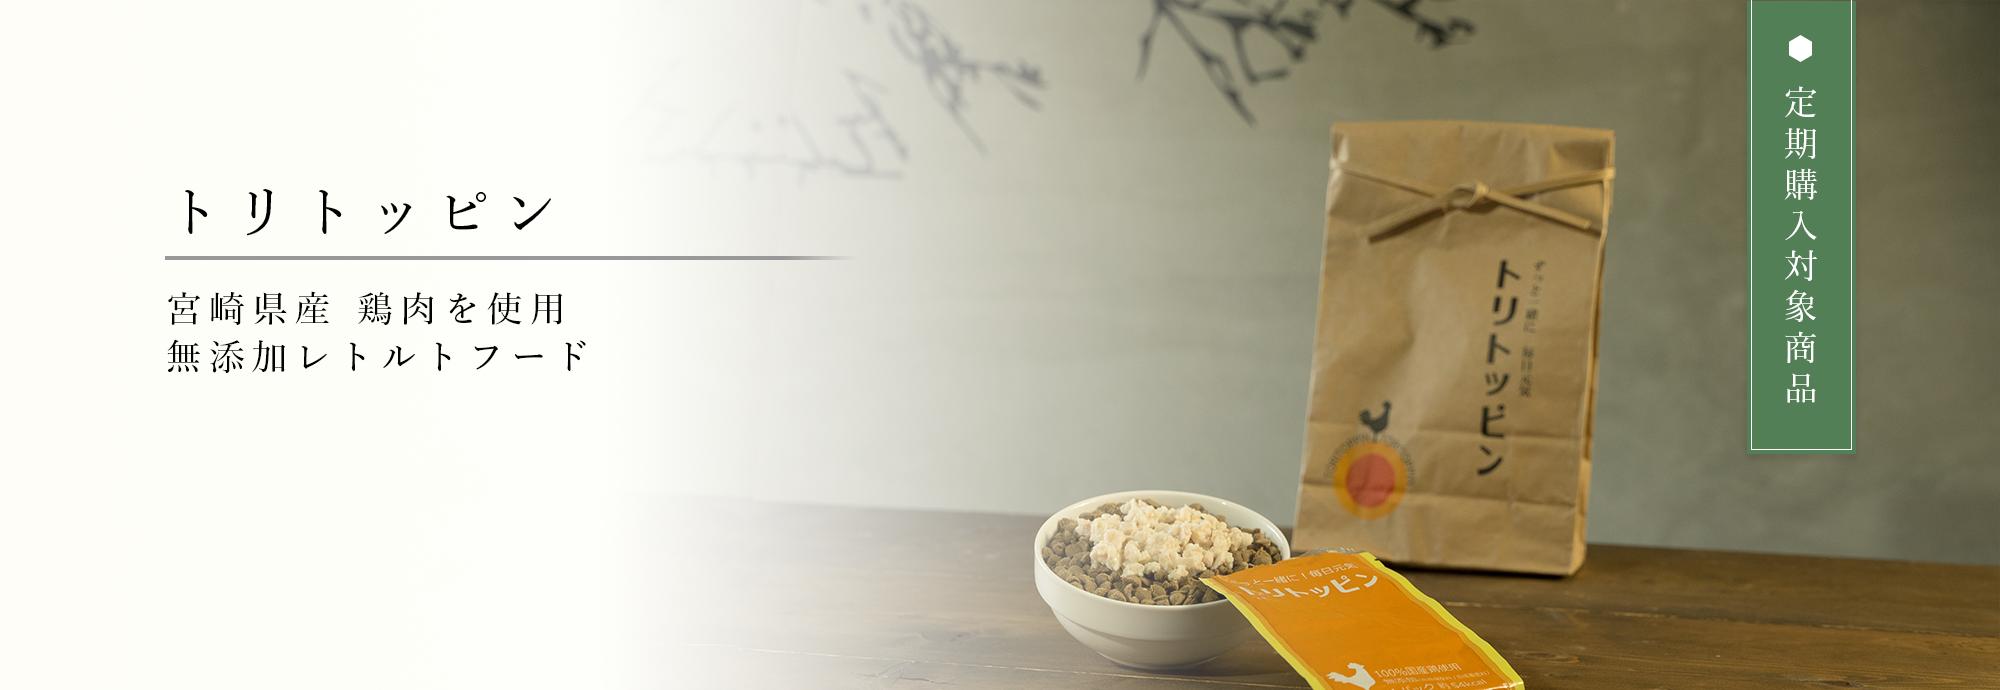 定期購入対象商品  「トリトッピン」 宮崎県産鶏肉を使用 無添加レトルトフード 定期購入限定価格 ¥3,500(税込)〜